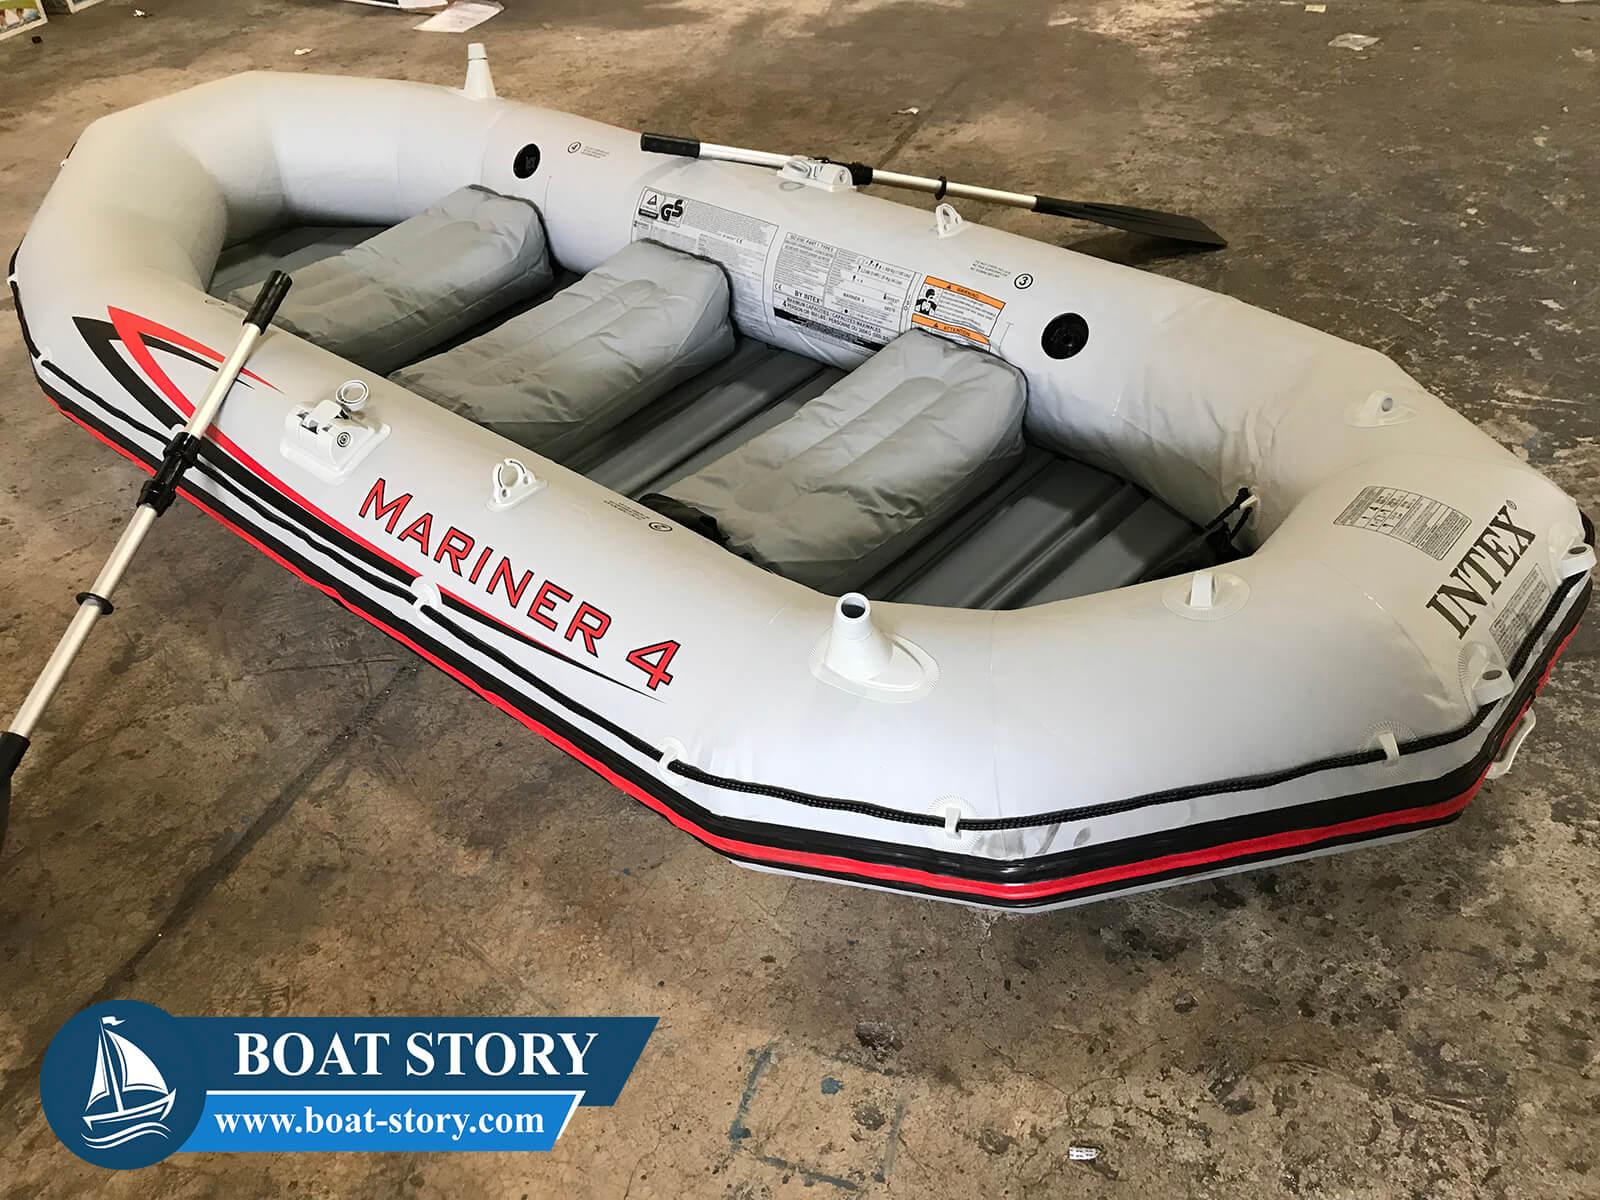 เรือยาง MARINER 4 intex 098